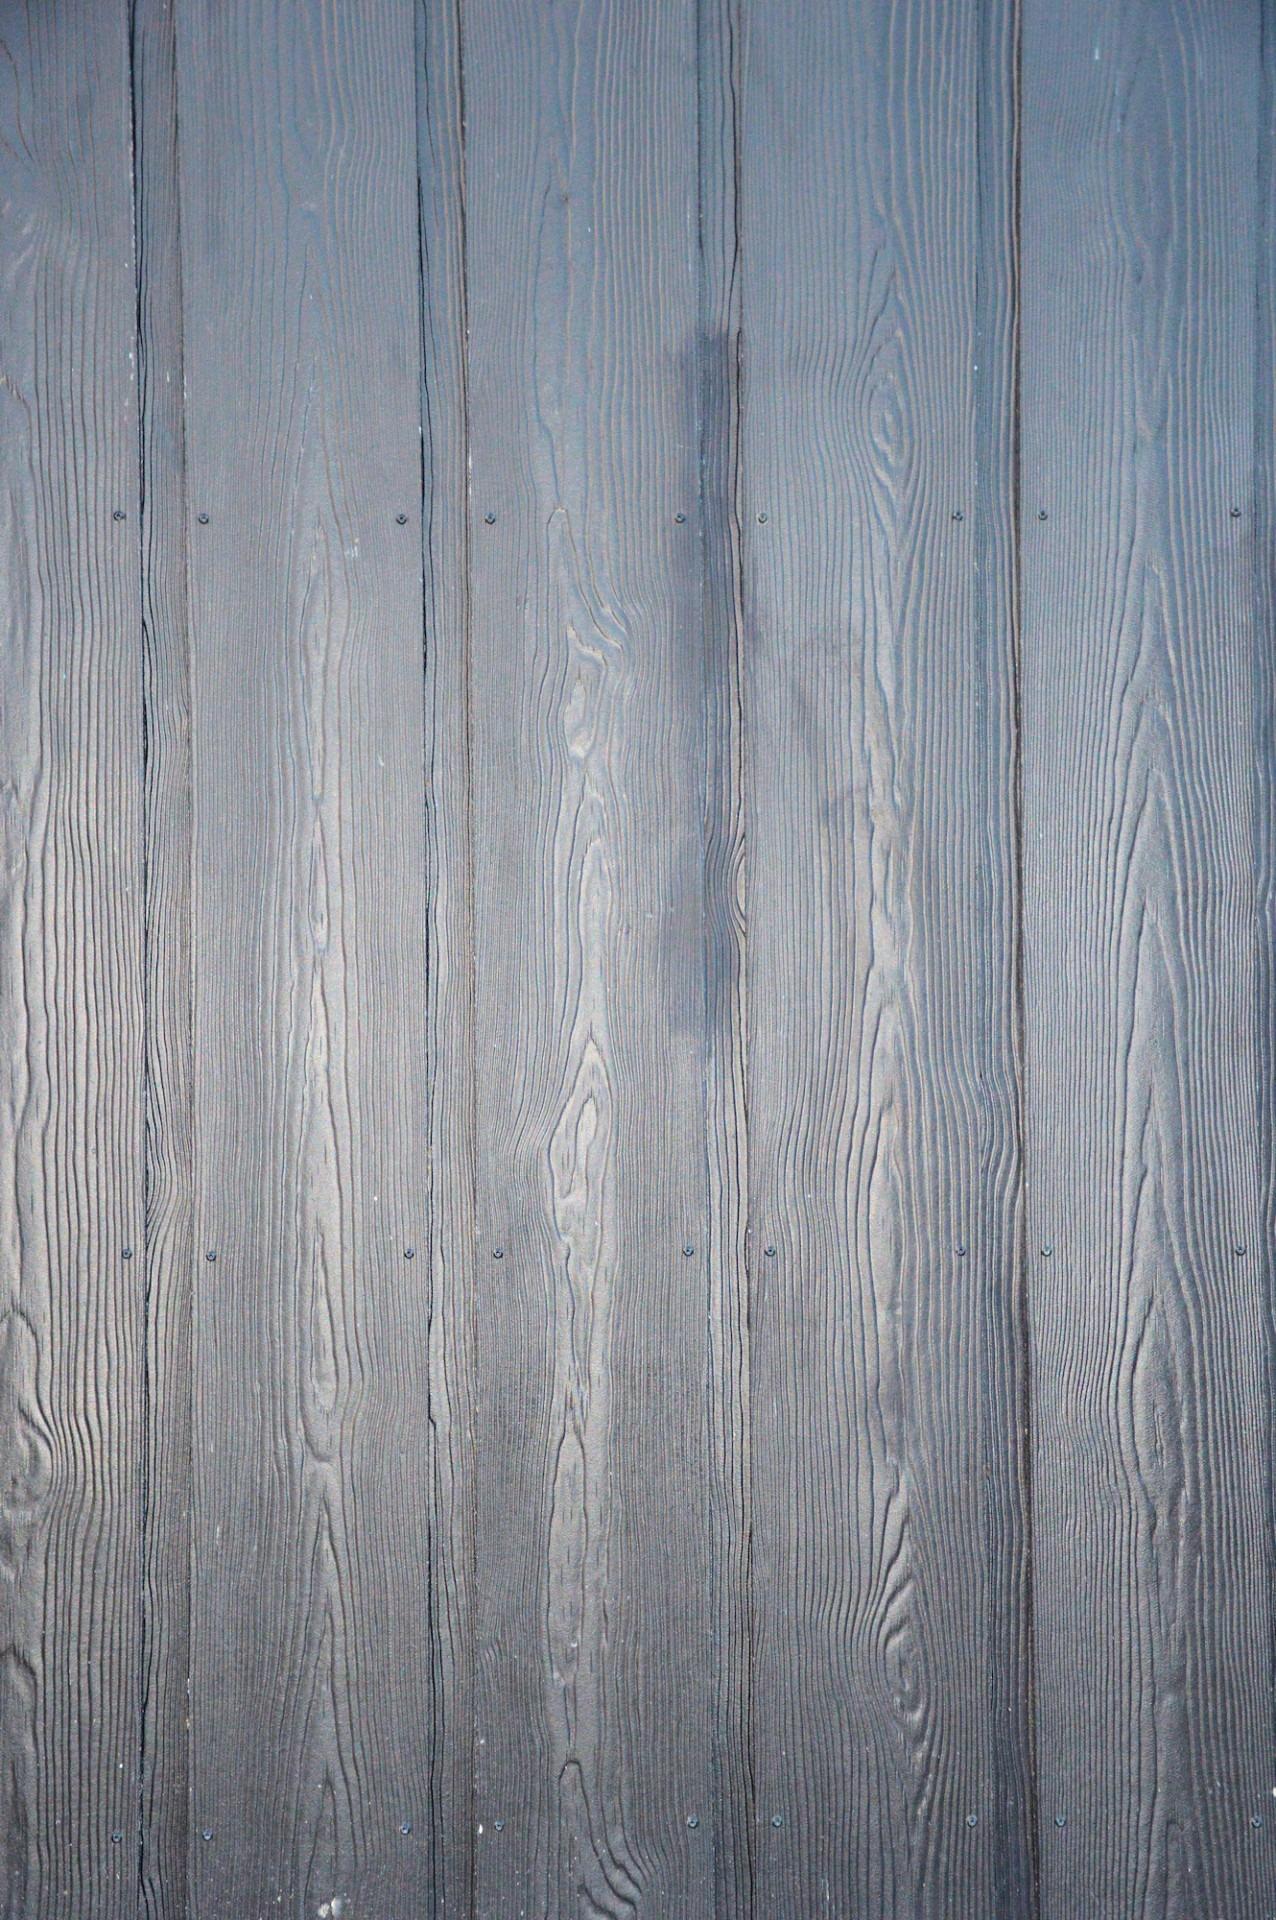 images gratuites bois cru texture d coration mod le symbole bleu d cor moderne. Black Bedroom Furniture Sets. Home Design Ideas